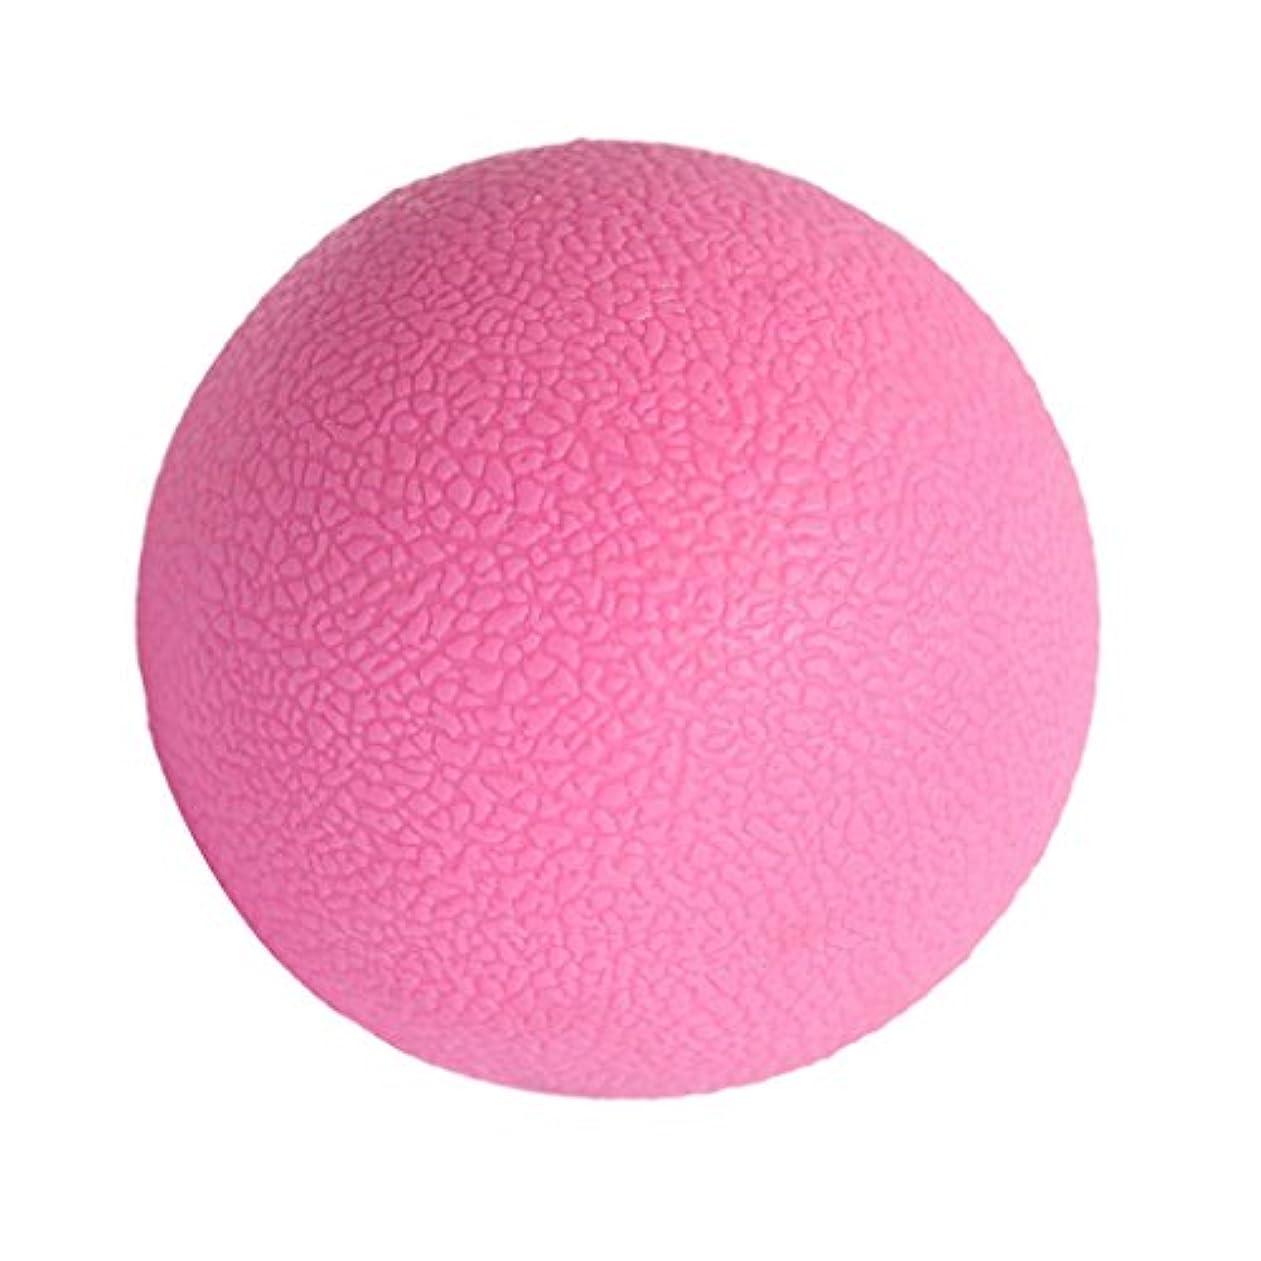 サイドボードノミネート農業のマッサージボール ジムフィットネス 筋肉マッサージ ボール トリガーポイント 4色選べる - ピンク, 説明したように